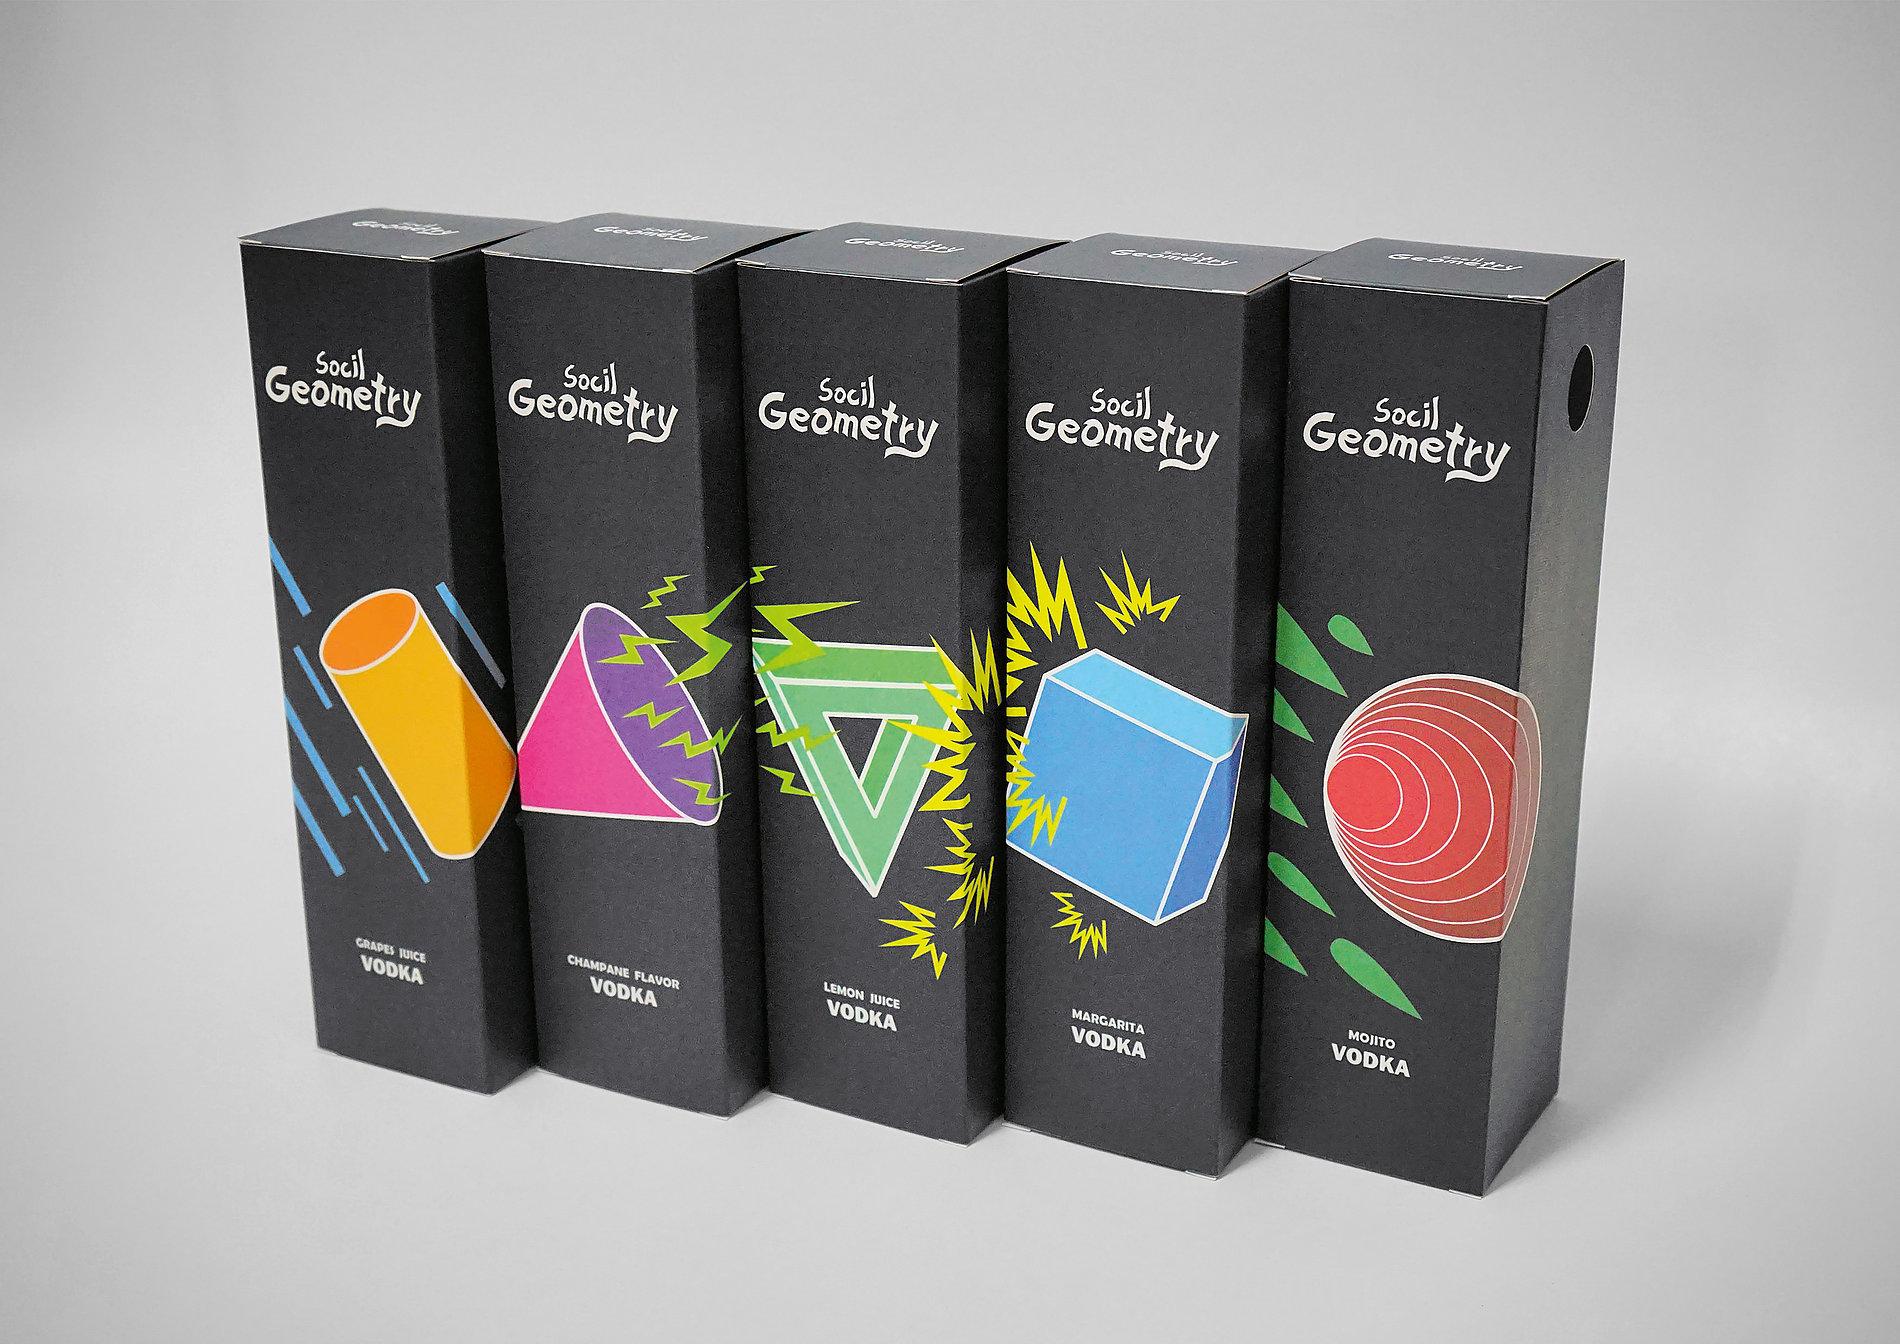 Social Geometry | Red Dot Design Award